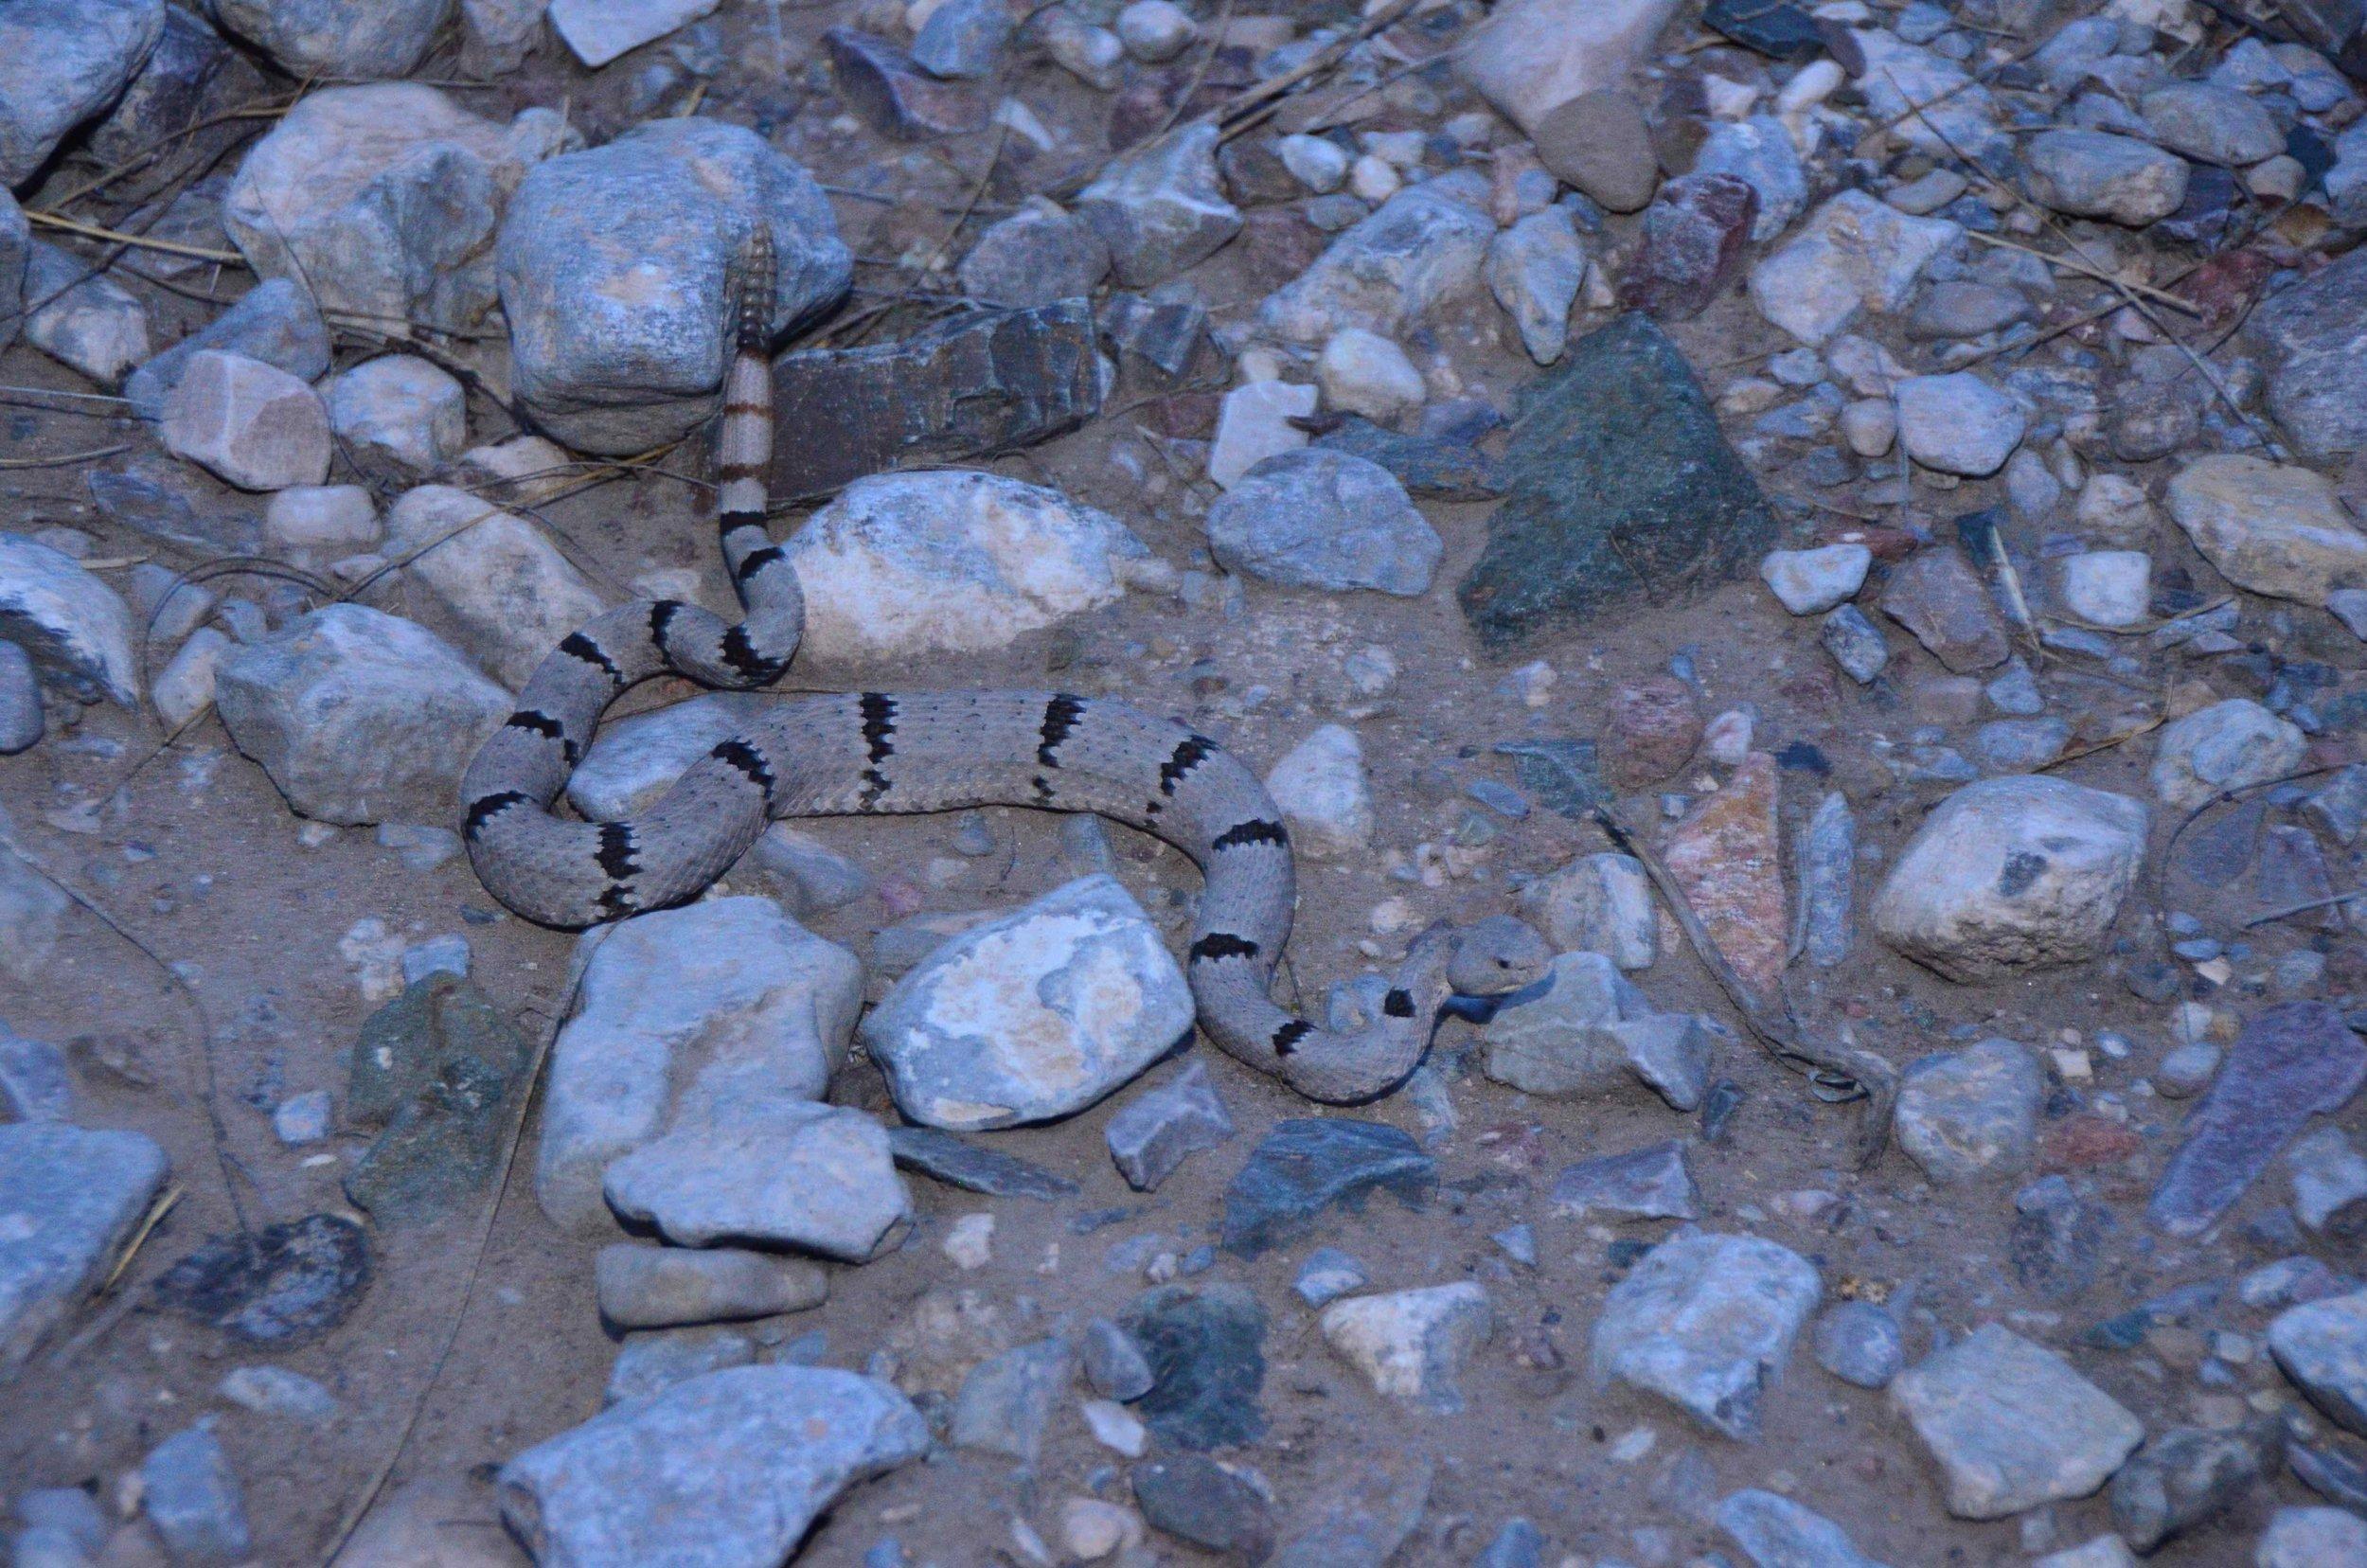 Banded Rattlesnake, Crotalus lepidus klauberi